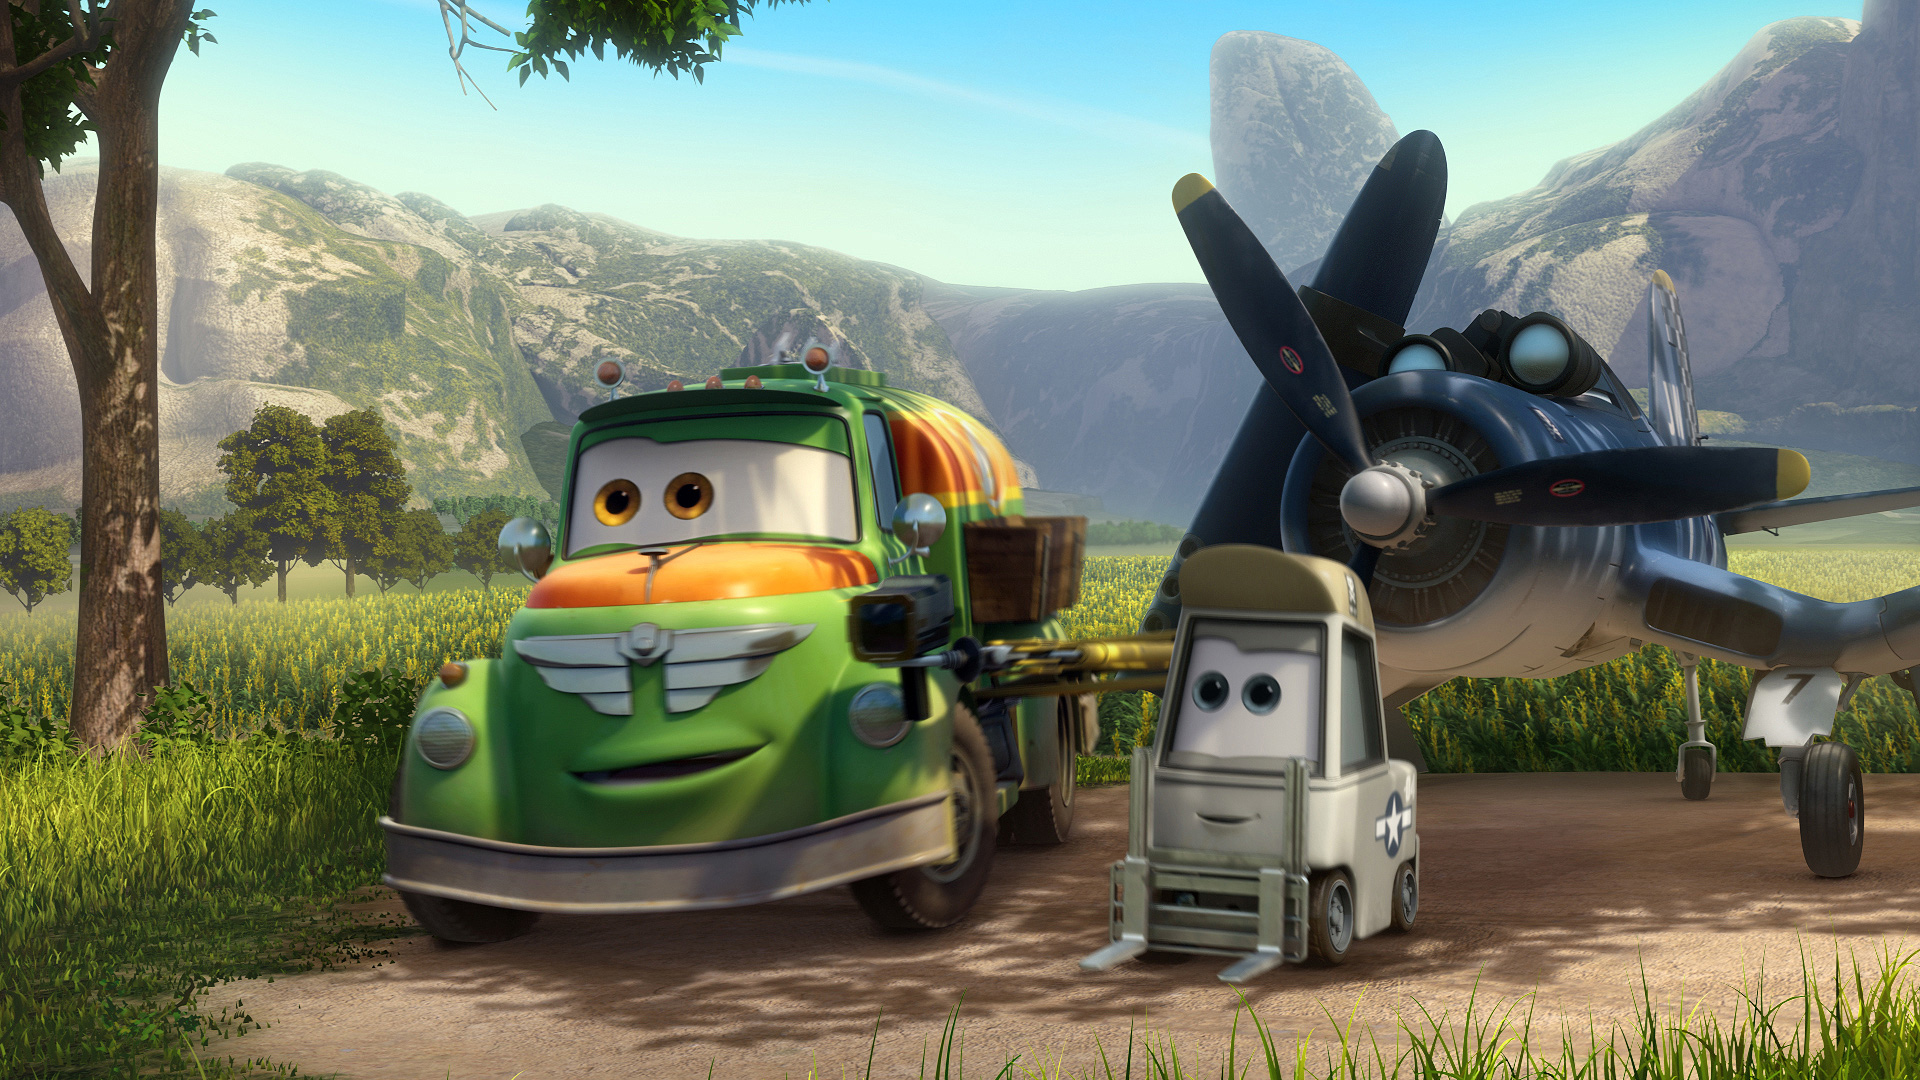 Skipper, Chug y Dottie, los mejores amigos de Dusty (fuente: Disney)